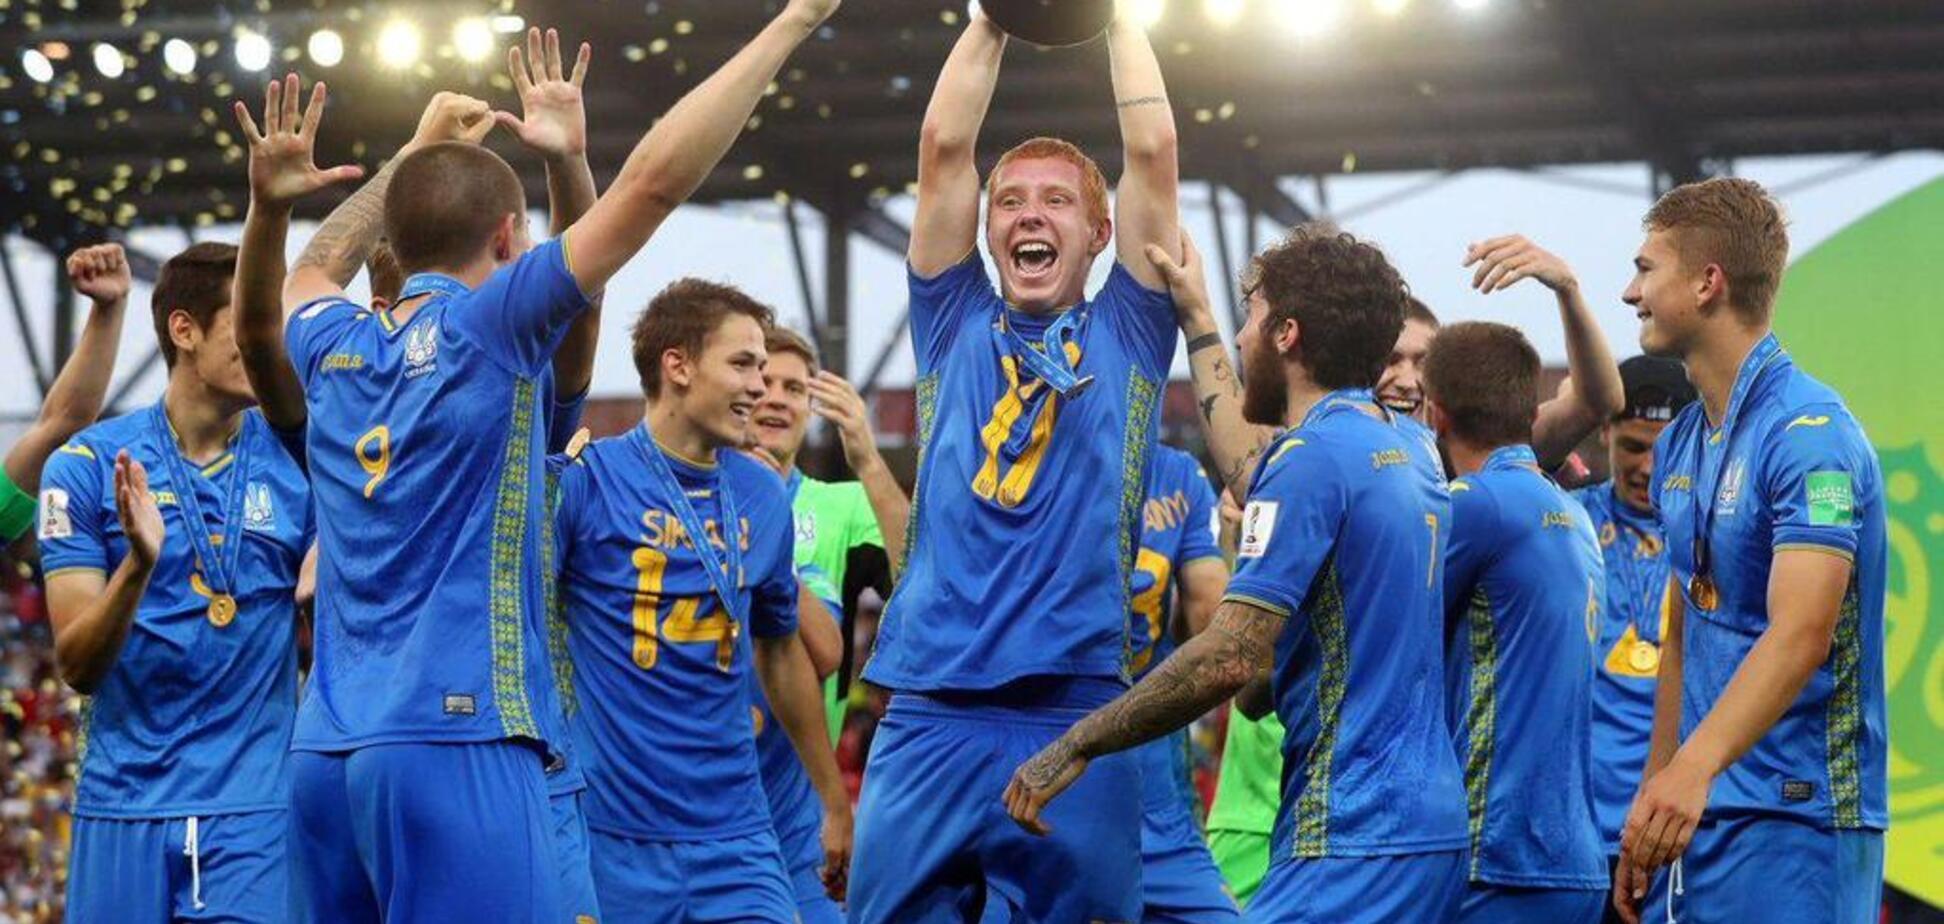 Триумф Украины! Появилось видео награждения за выигранный чемпионат мира по футболу U-20